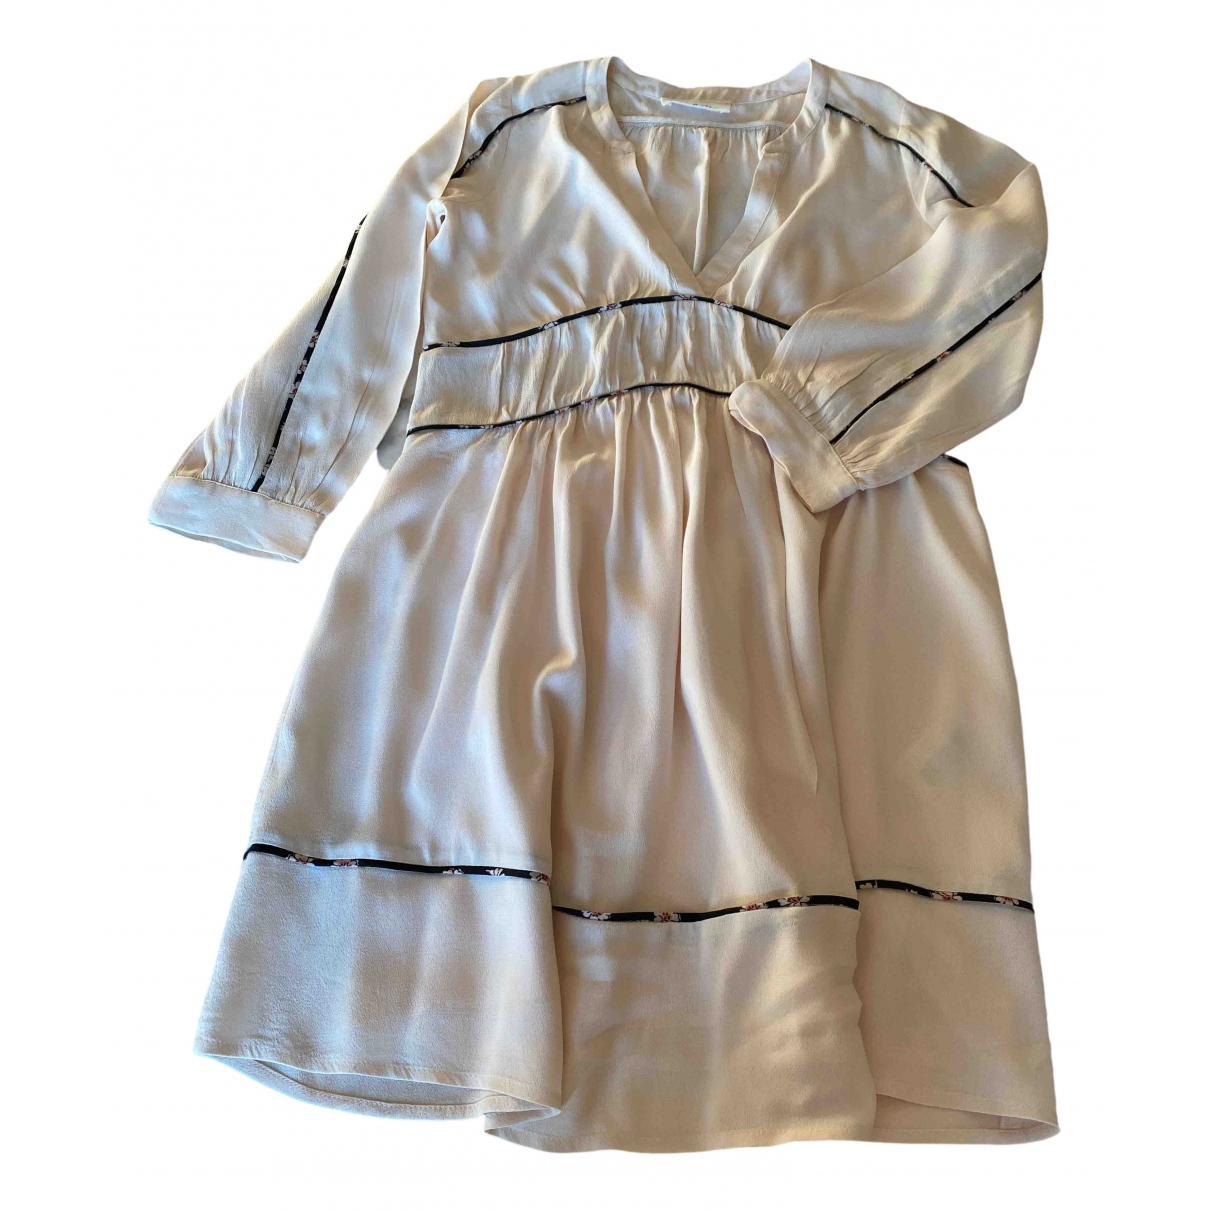 Ba&sh \N Kleid in  Beige Viskose